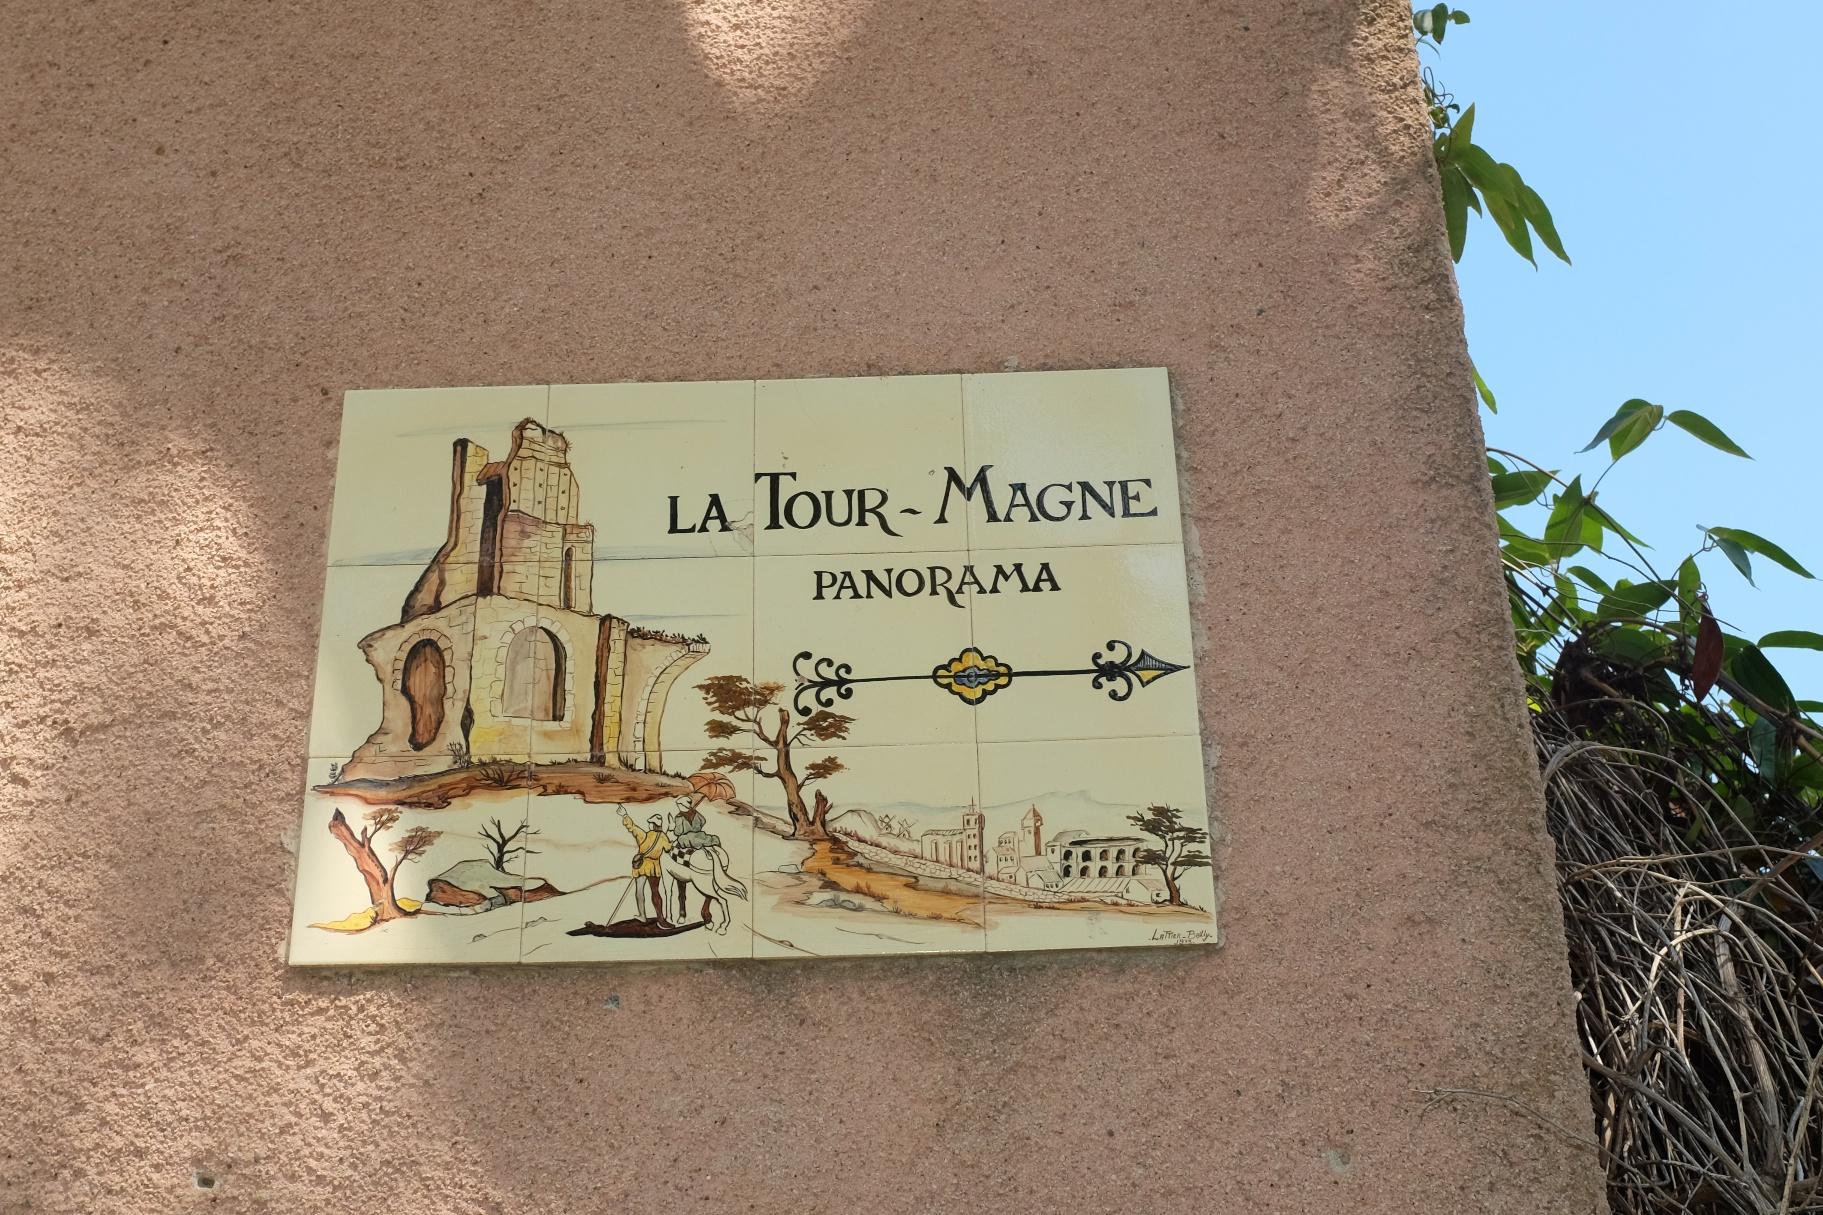 La Tour Magne